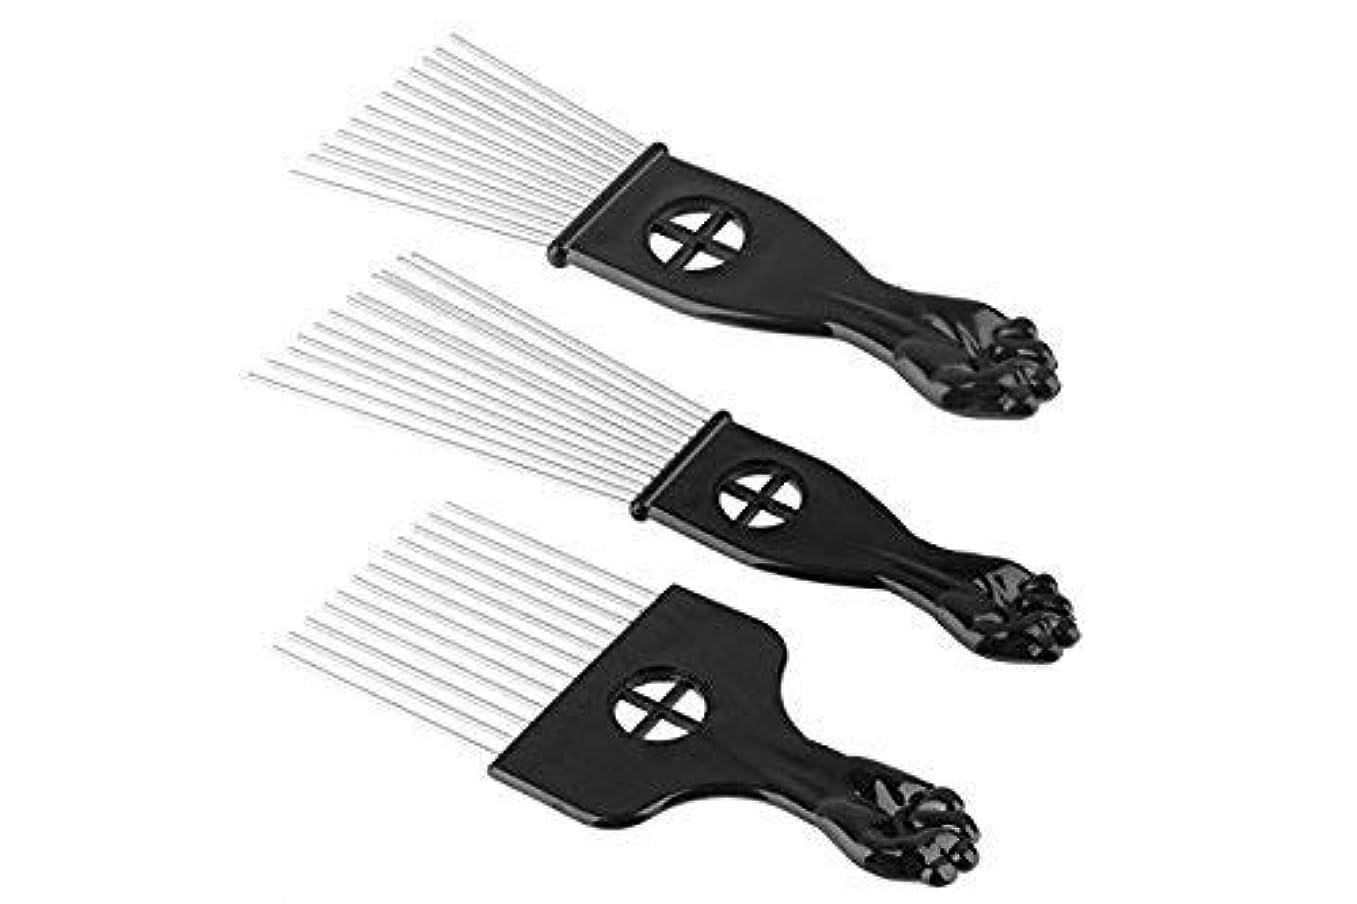 保有者センター猫背3Pc Metal Hair Styling Pik Afro Pick Comb For Volume & Tangles Black Fan Fist Hand Model [並行輸入品]